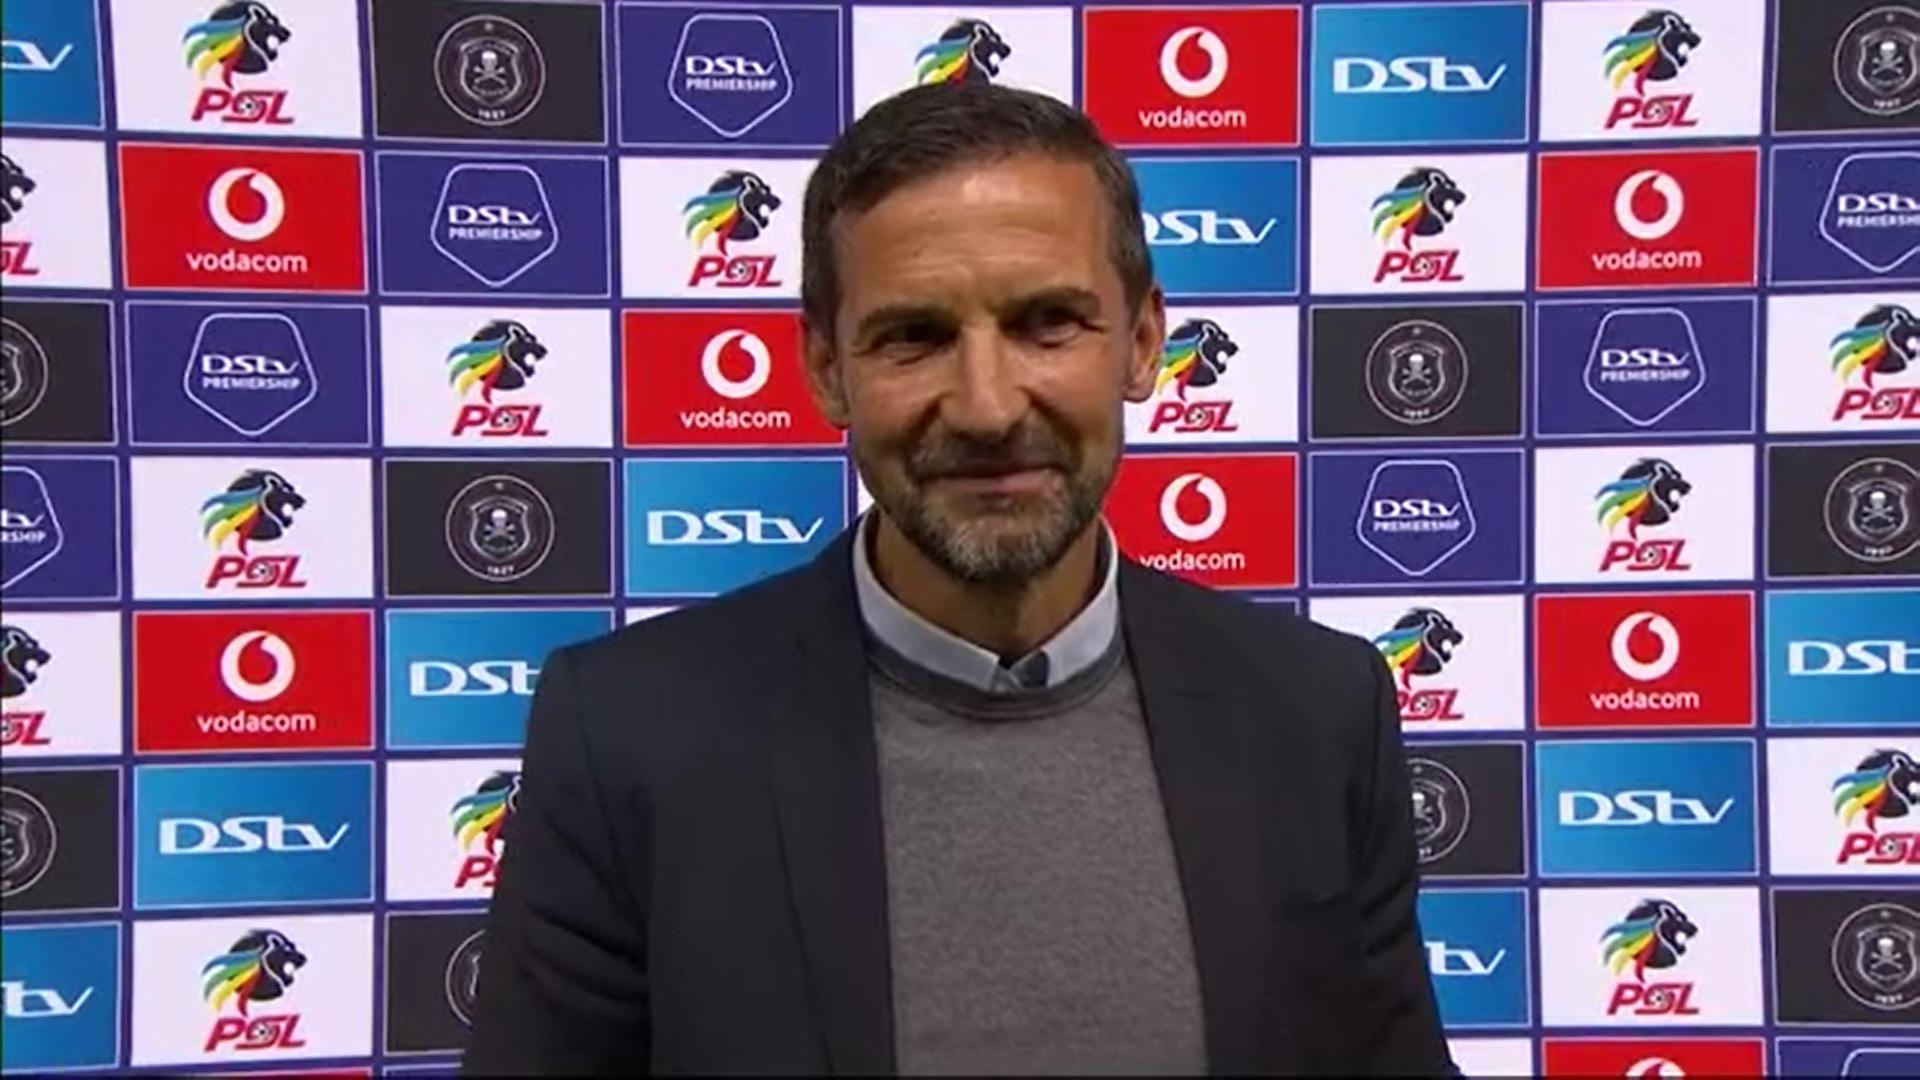 DStv Premiership | Orlando Pirates v Stellenbosch FC | Post-match interview with Josef Zinnbauer